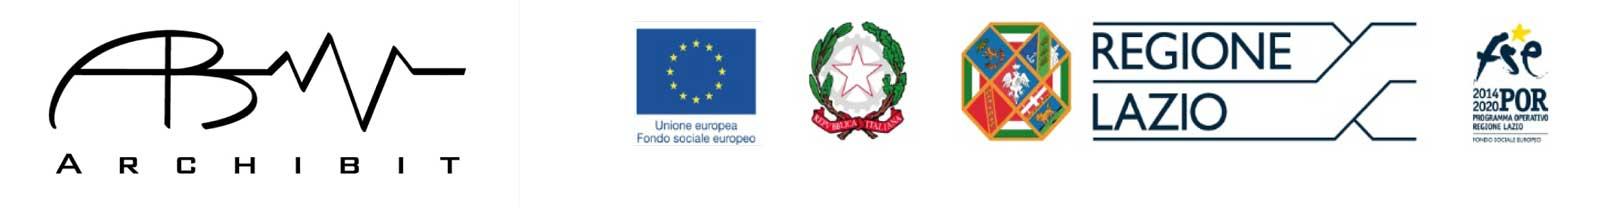 selezione-mestieri-bando-regione-lazio-corso-gratuito-roma-archibit